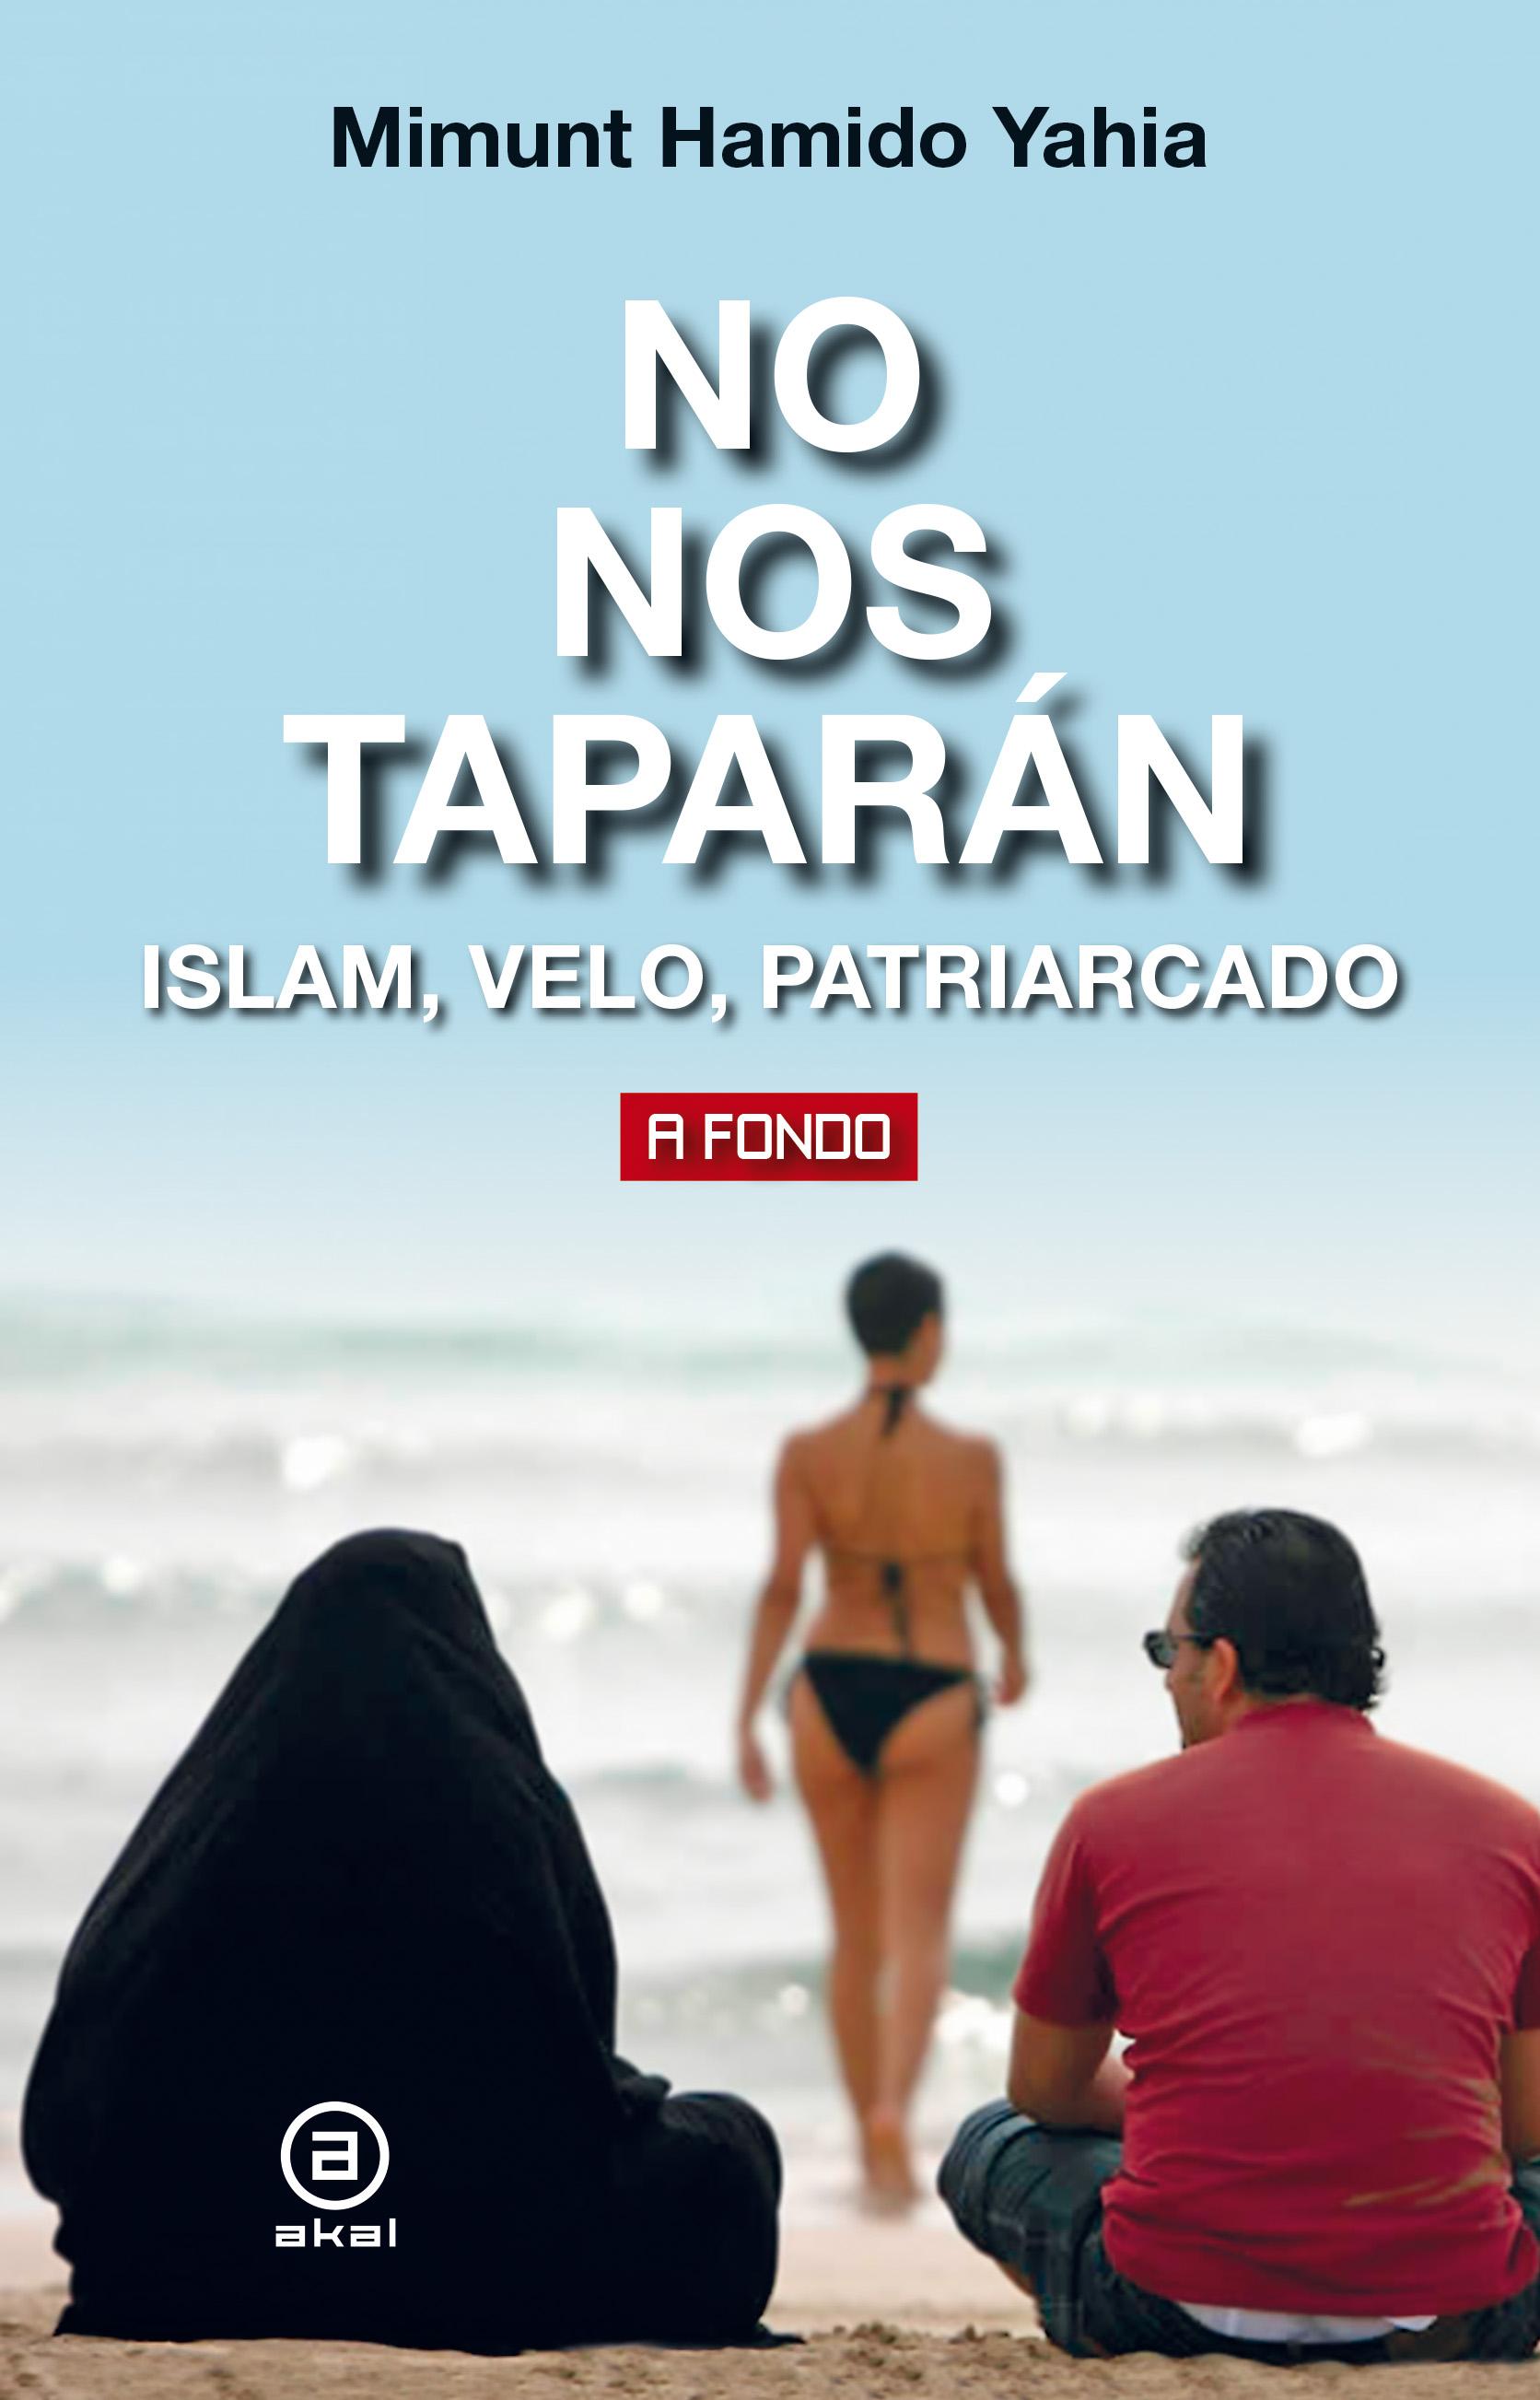 No nos taparán. Islam, velo, patriarcado - Akal